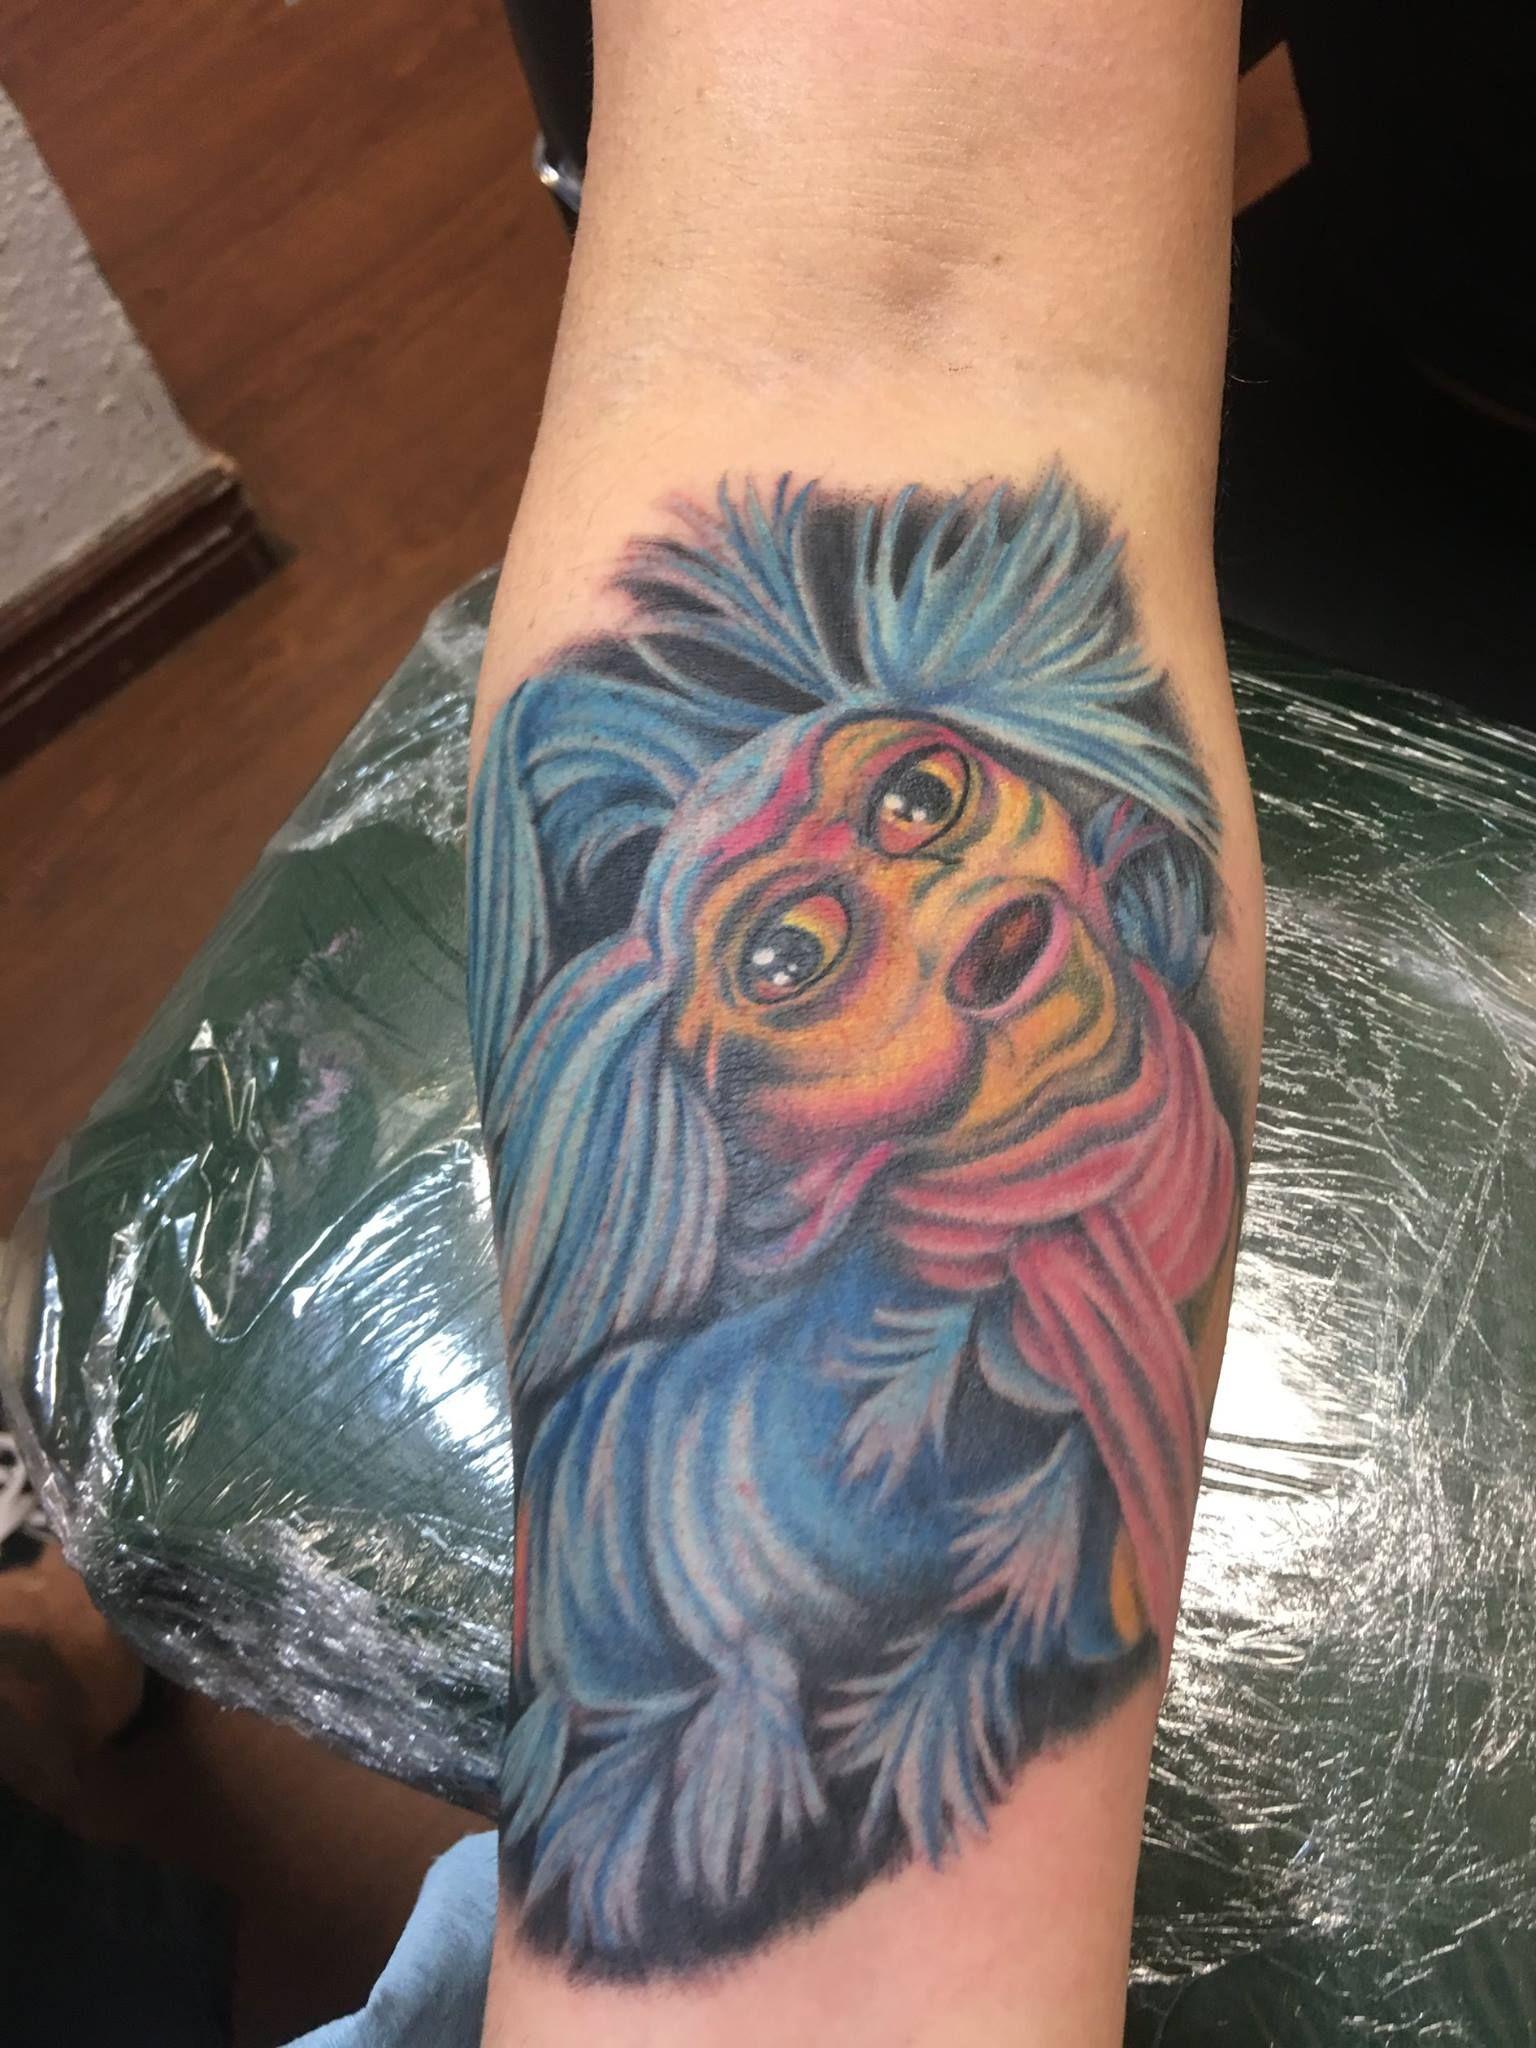 Scotty | Tattoos, Tattoo styles, Labyrinth worm